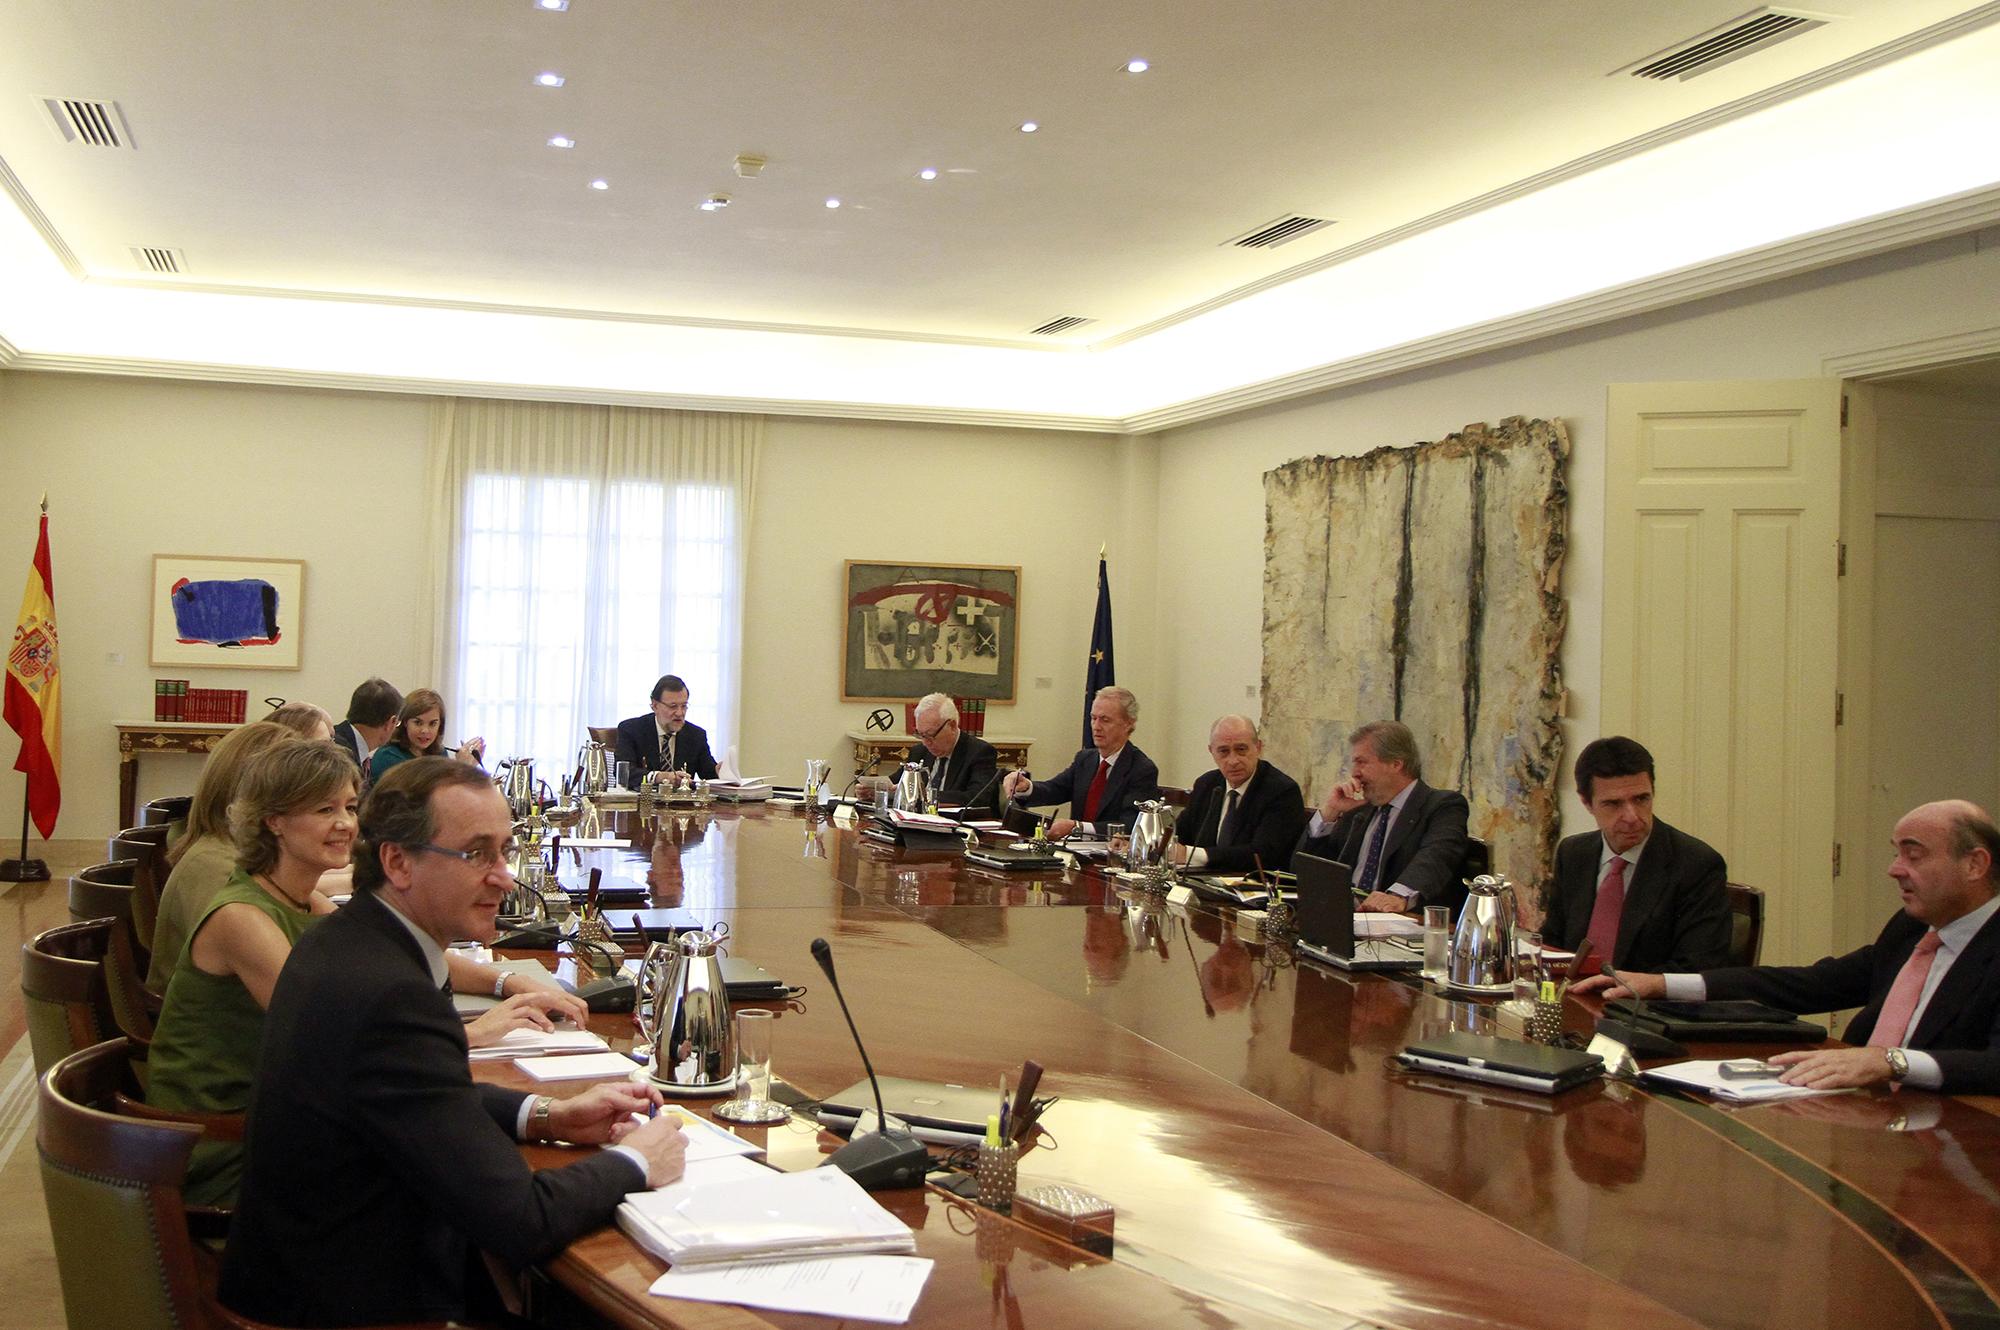 Una reunión del Consejo de Ministros en el Palacio de la Moncloa. Foto: Moncloa.